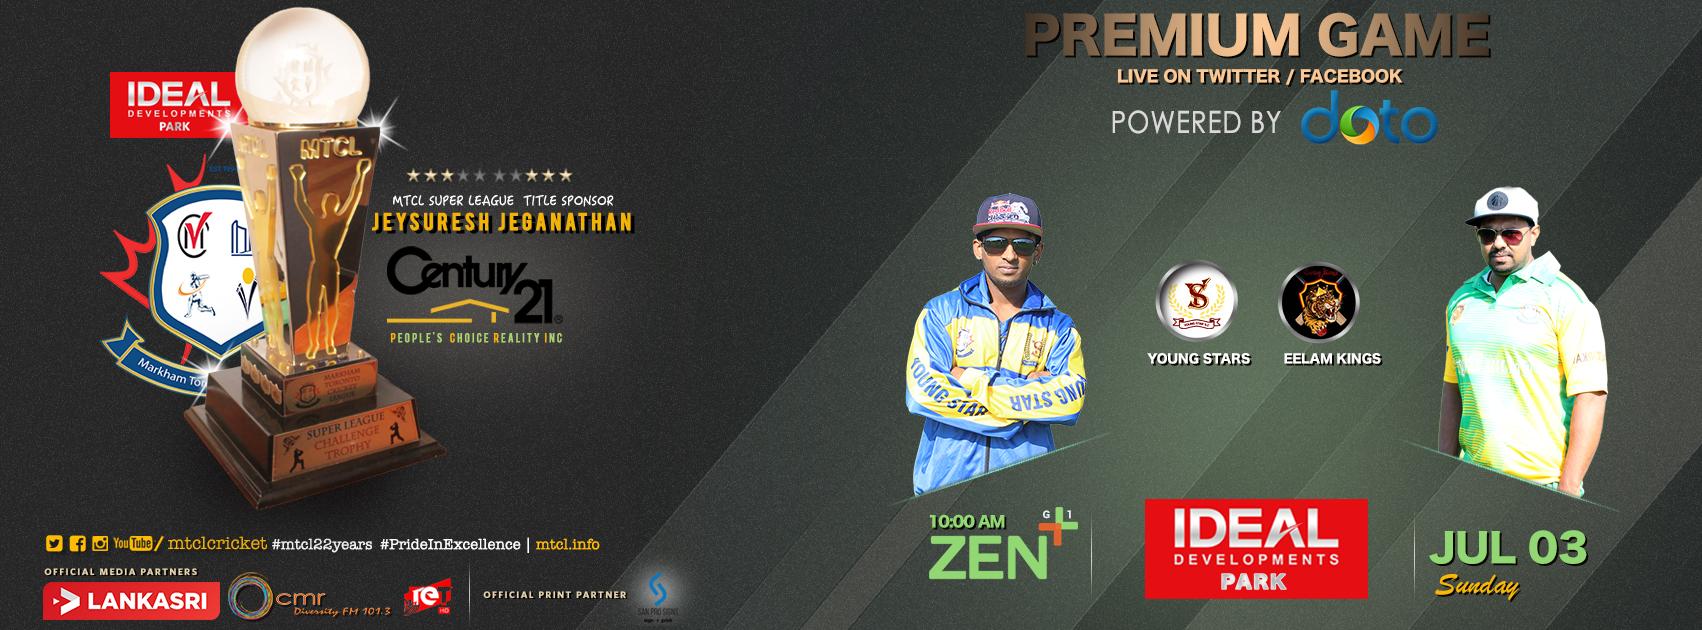 Premium Games-Maran2016-YSvEKings